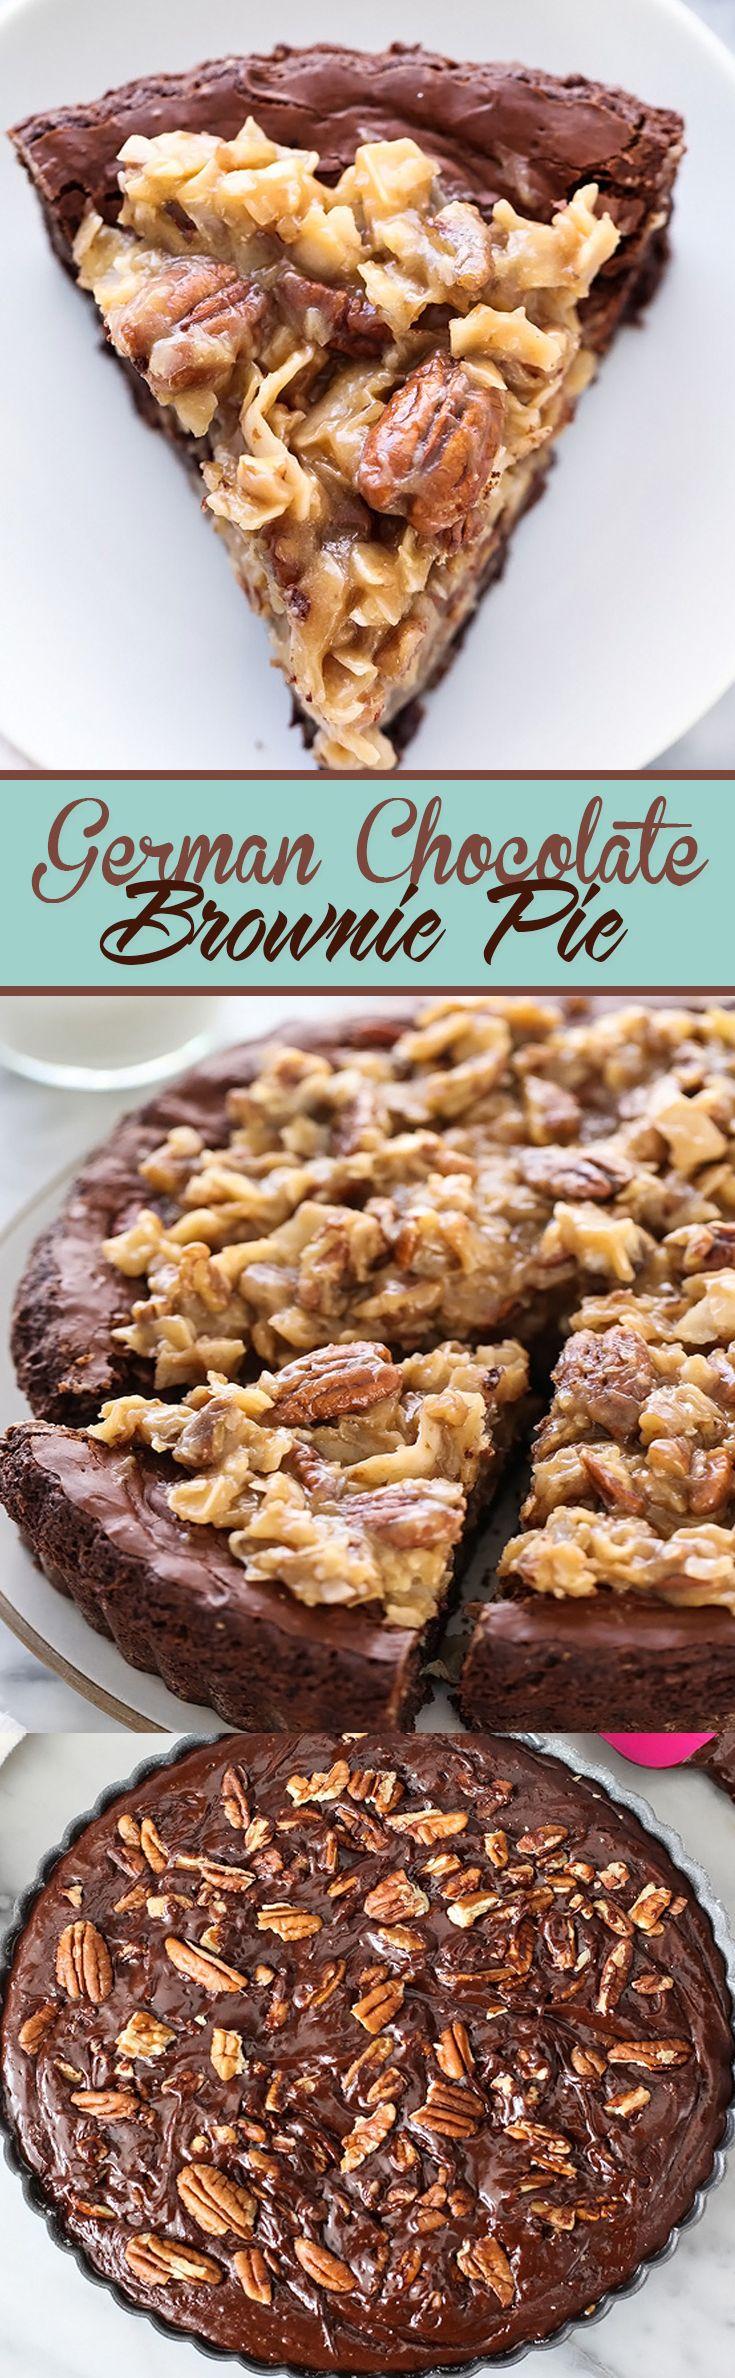 German Chocolate Brownie Pie                                                                                                                                                                                 More (brownie desserts easy)